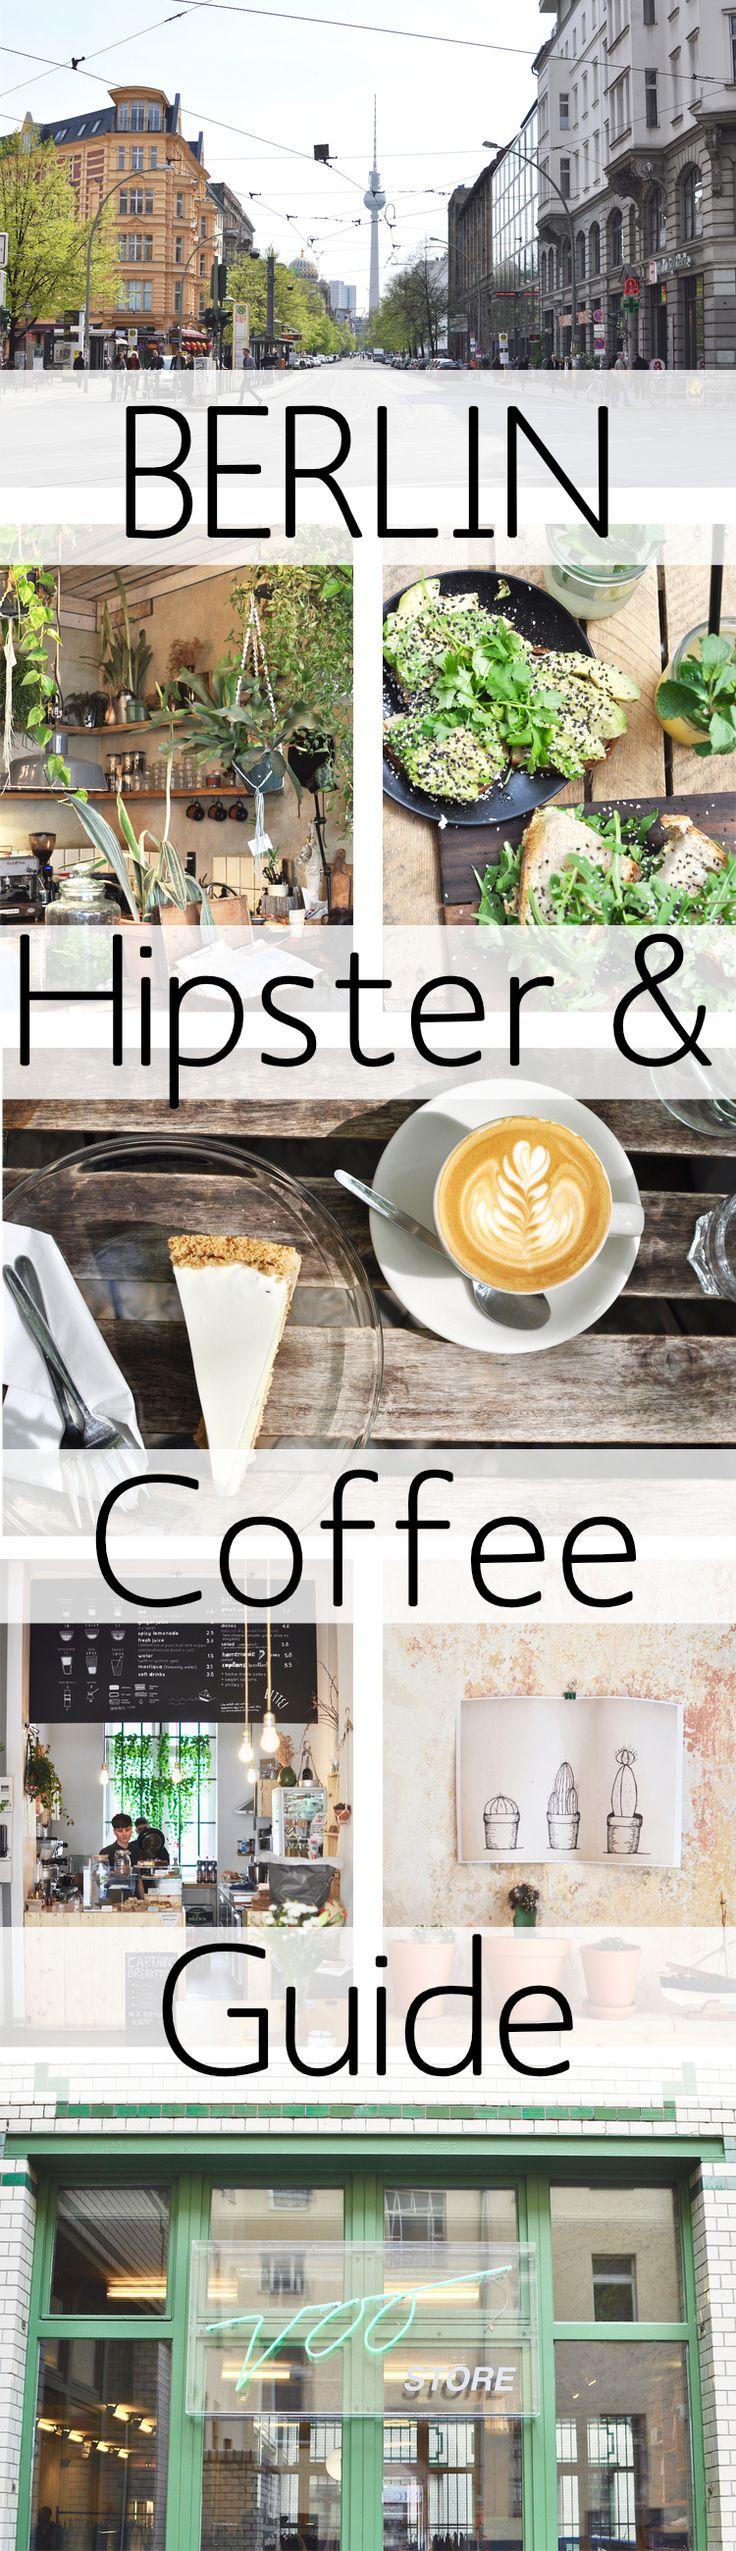 Die besten Tipps für hippe Cafés, Läden und Märkte in Berlin.                                                                                                                                                     Mehr